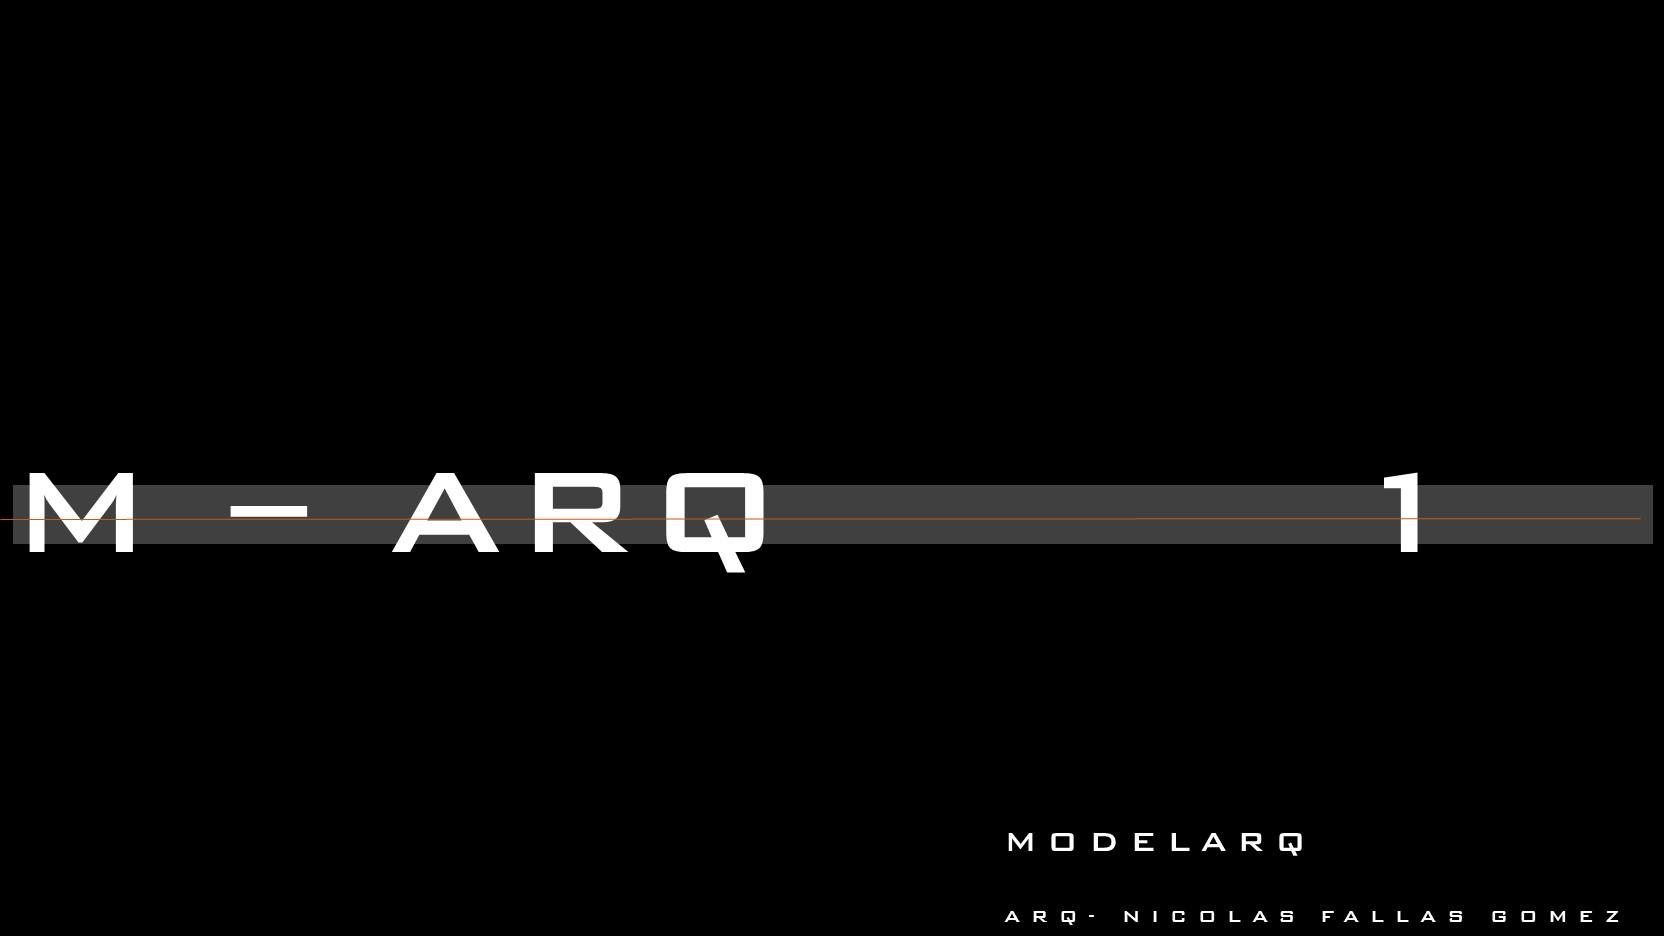 M-ARQ 1 (1)